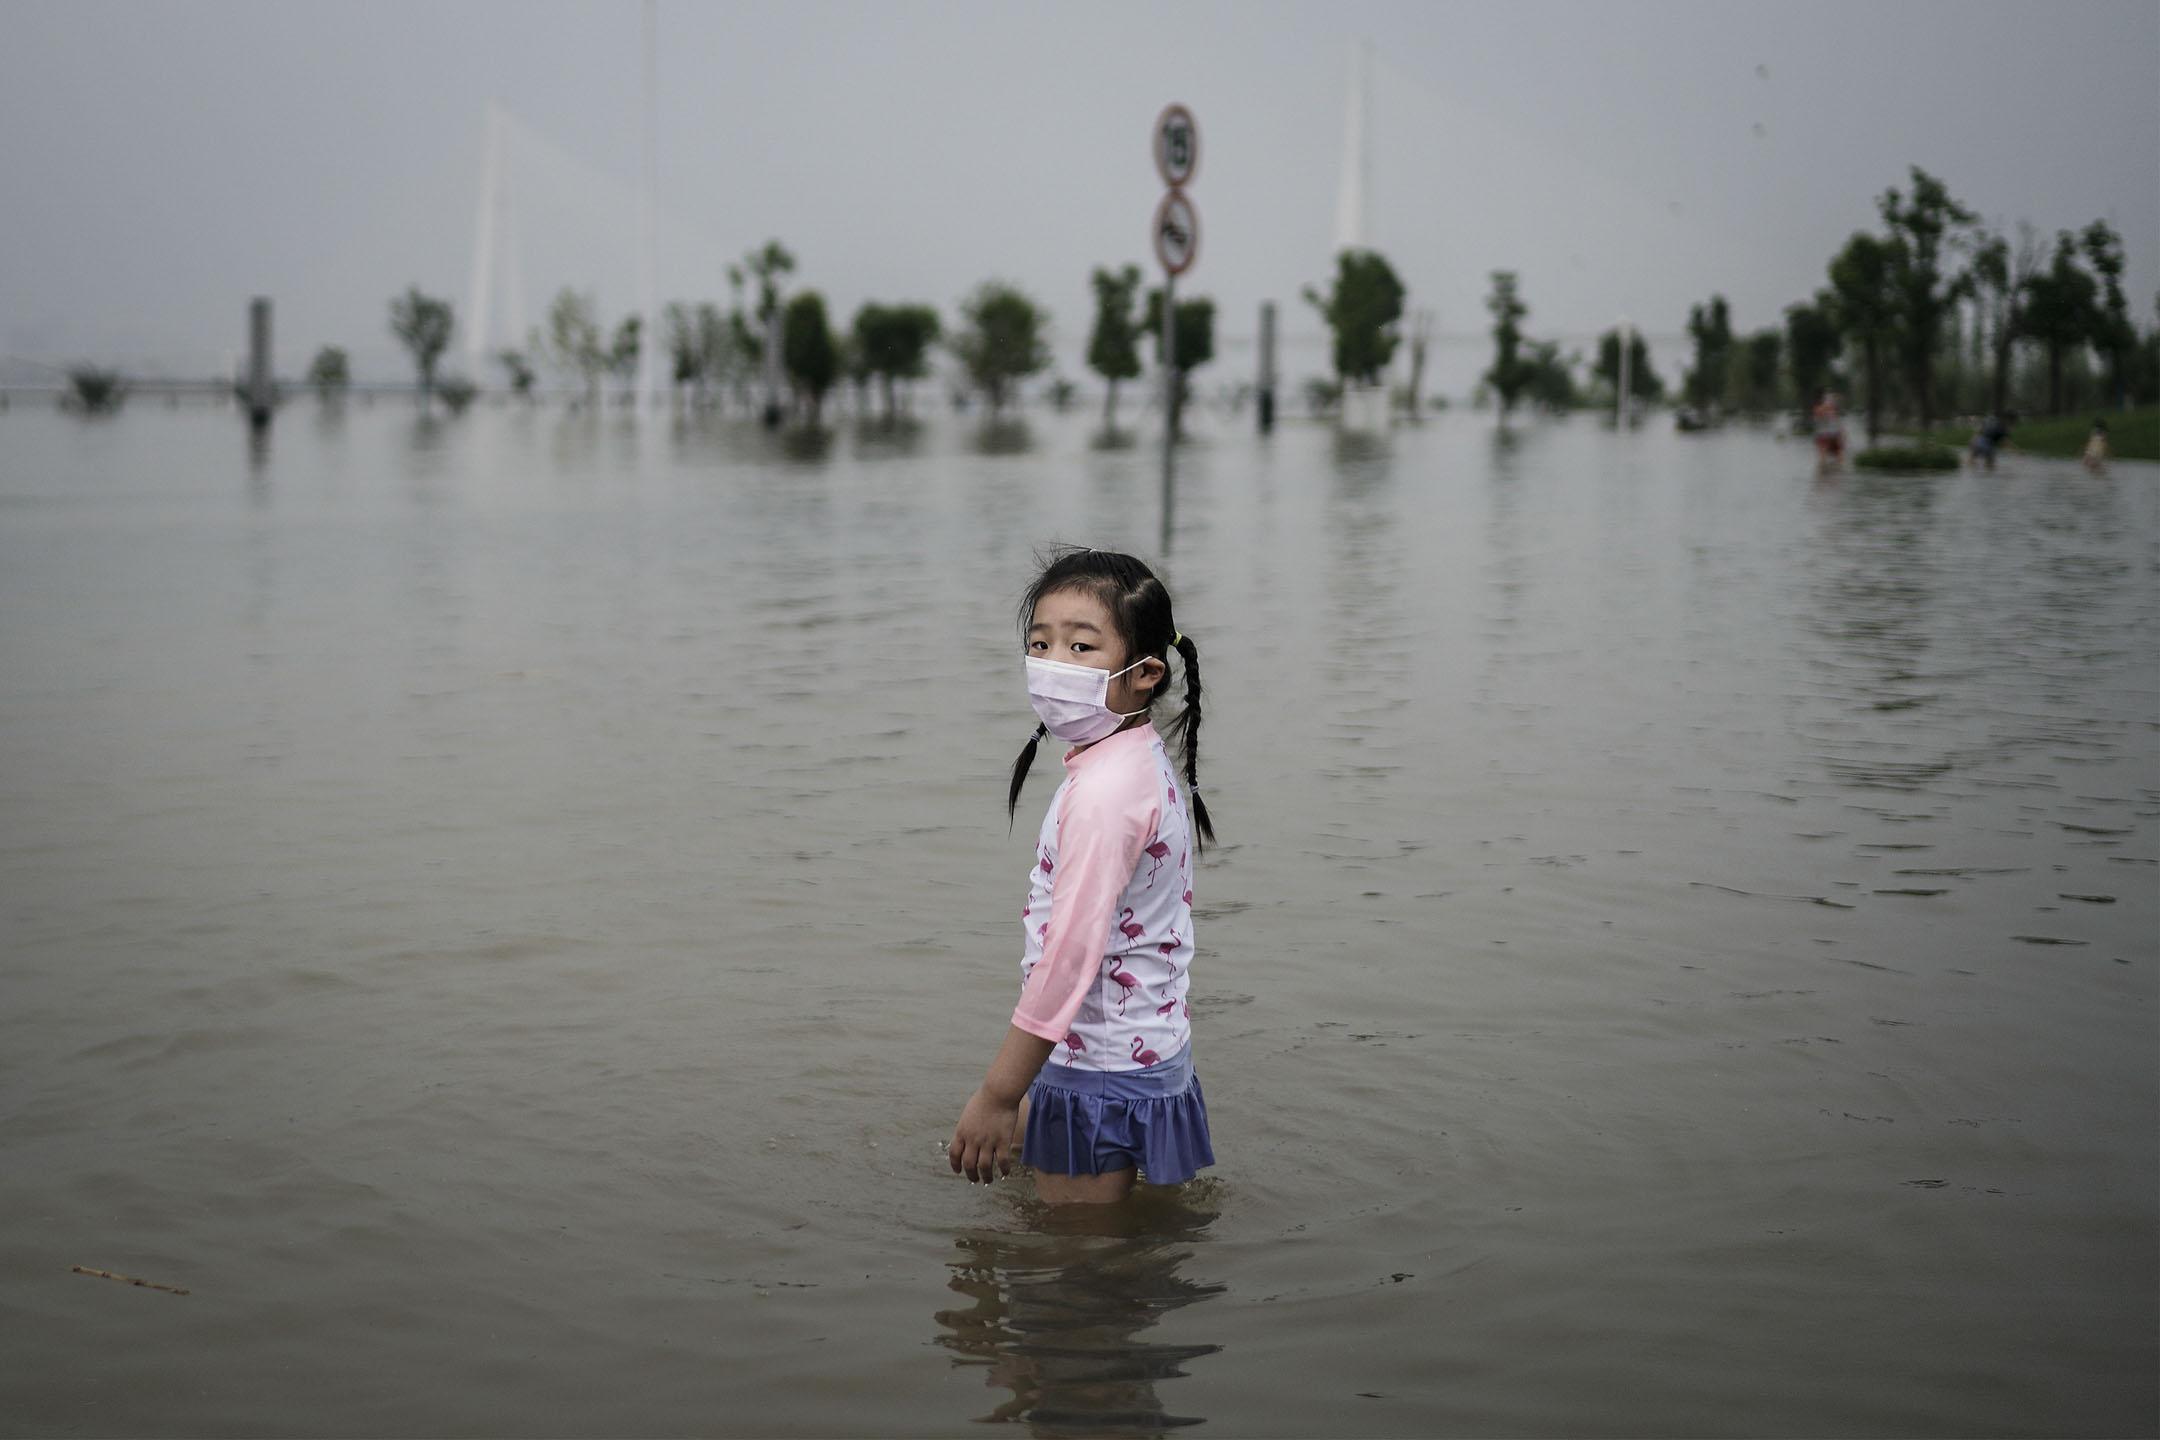 2020年7月10日,武漢江灘公園被洪水淹沒,一位小女孩在水中。 圖: Getty Images